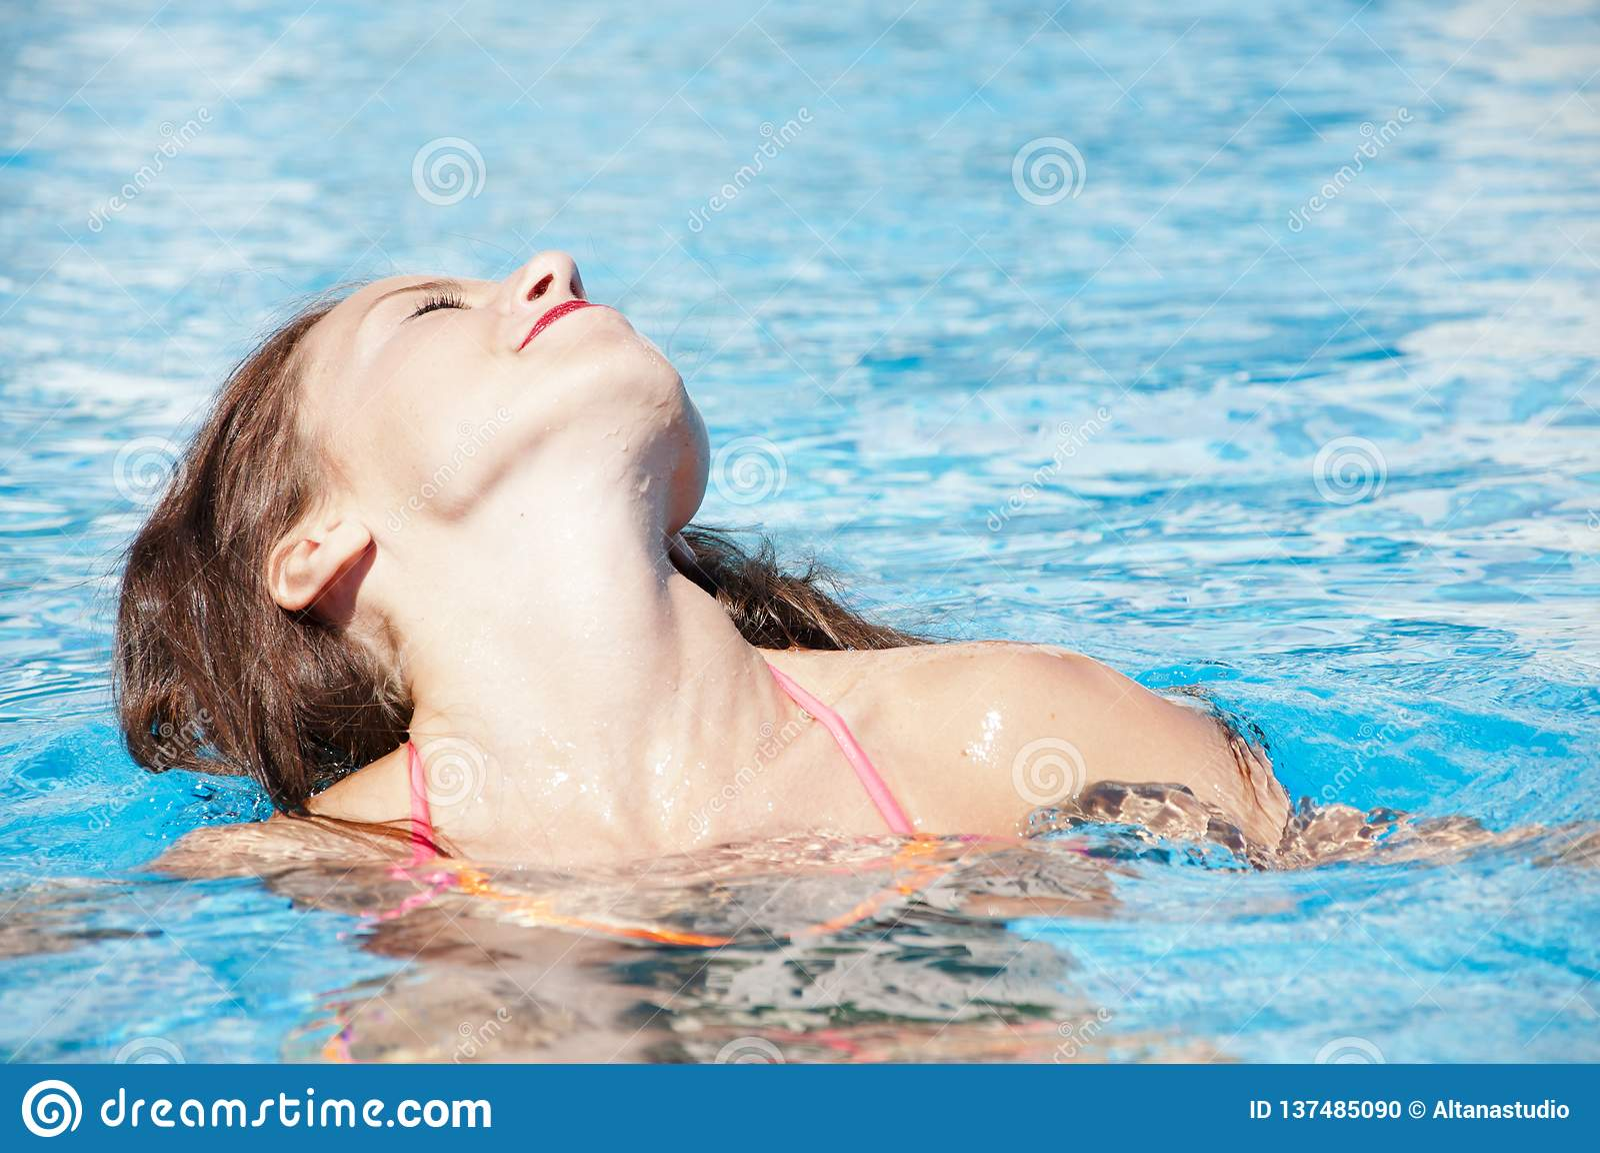 Vrouw in zwembad Caraïbische overzees dope Kuuroord in pool Meisje met rode lippen en nat haar Het strand van Miami is zonnig swa